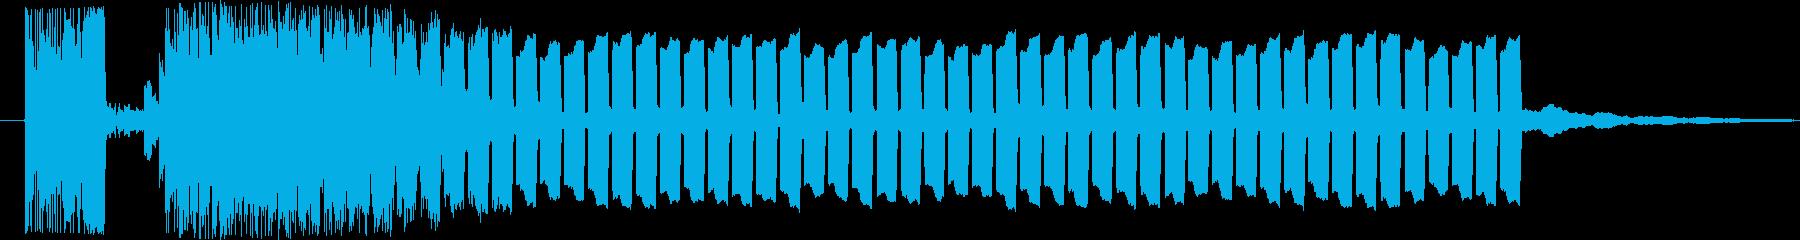 抽選スタート♪の再生済みの波形